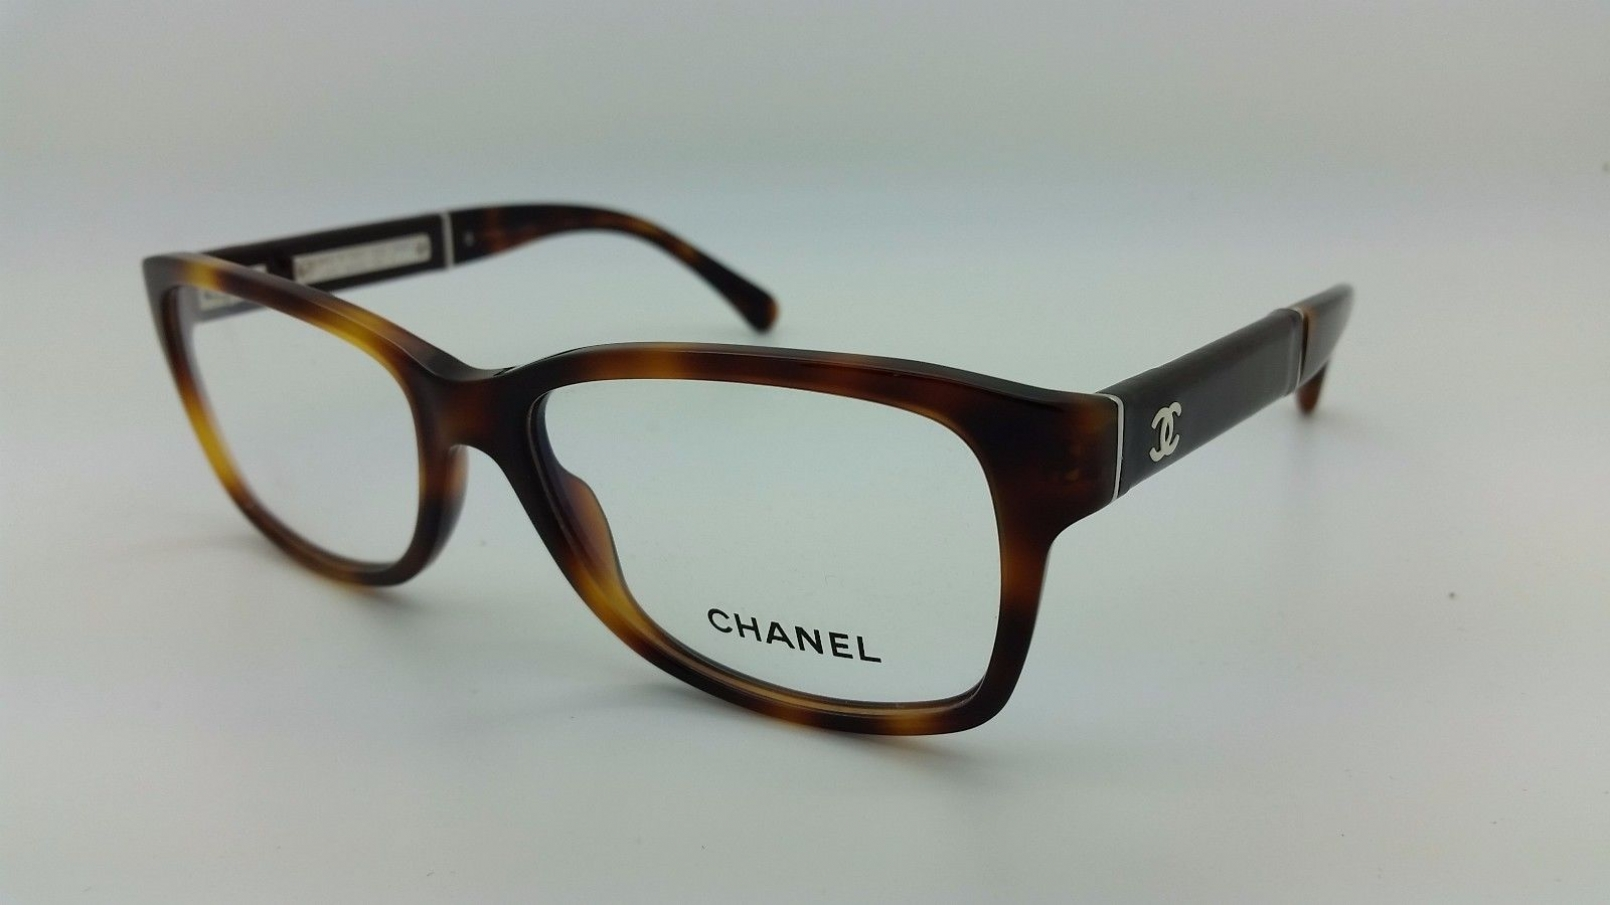 Chanel Frame For Glasses : Chanel 3232q Eyeglasses